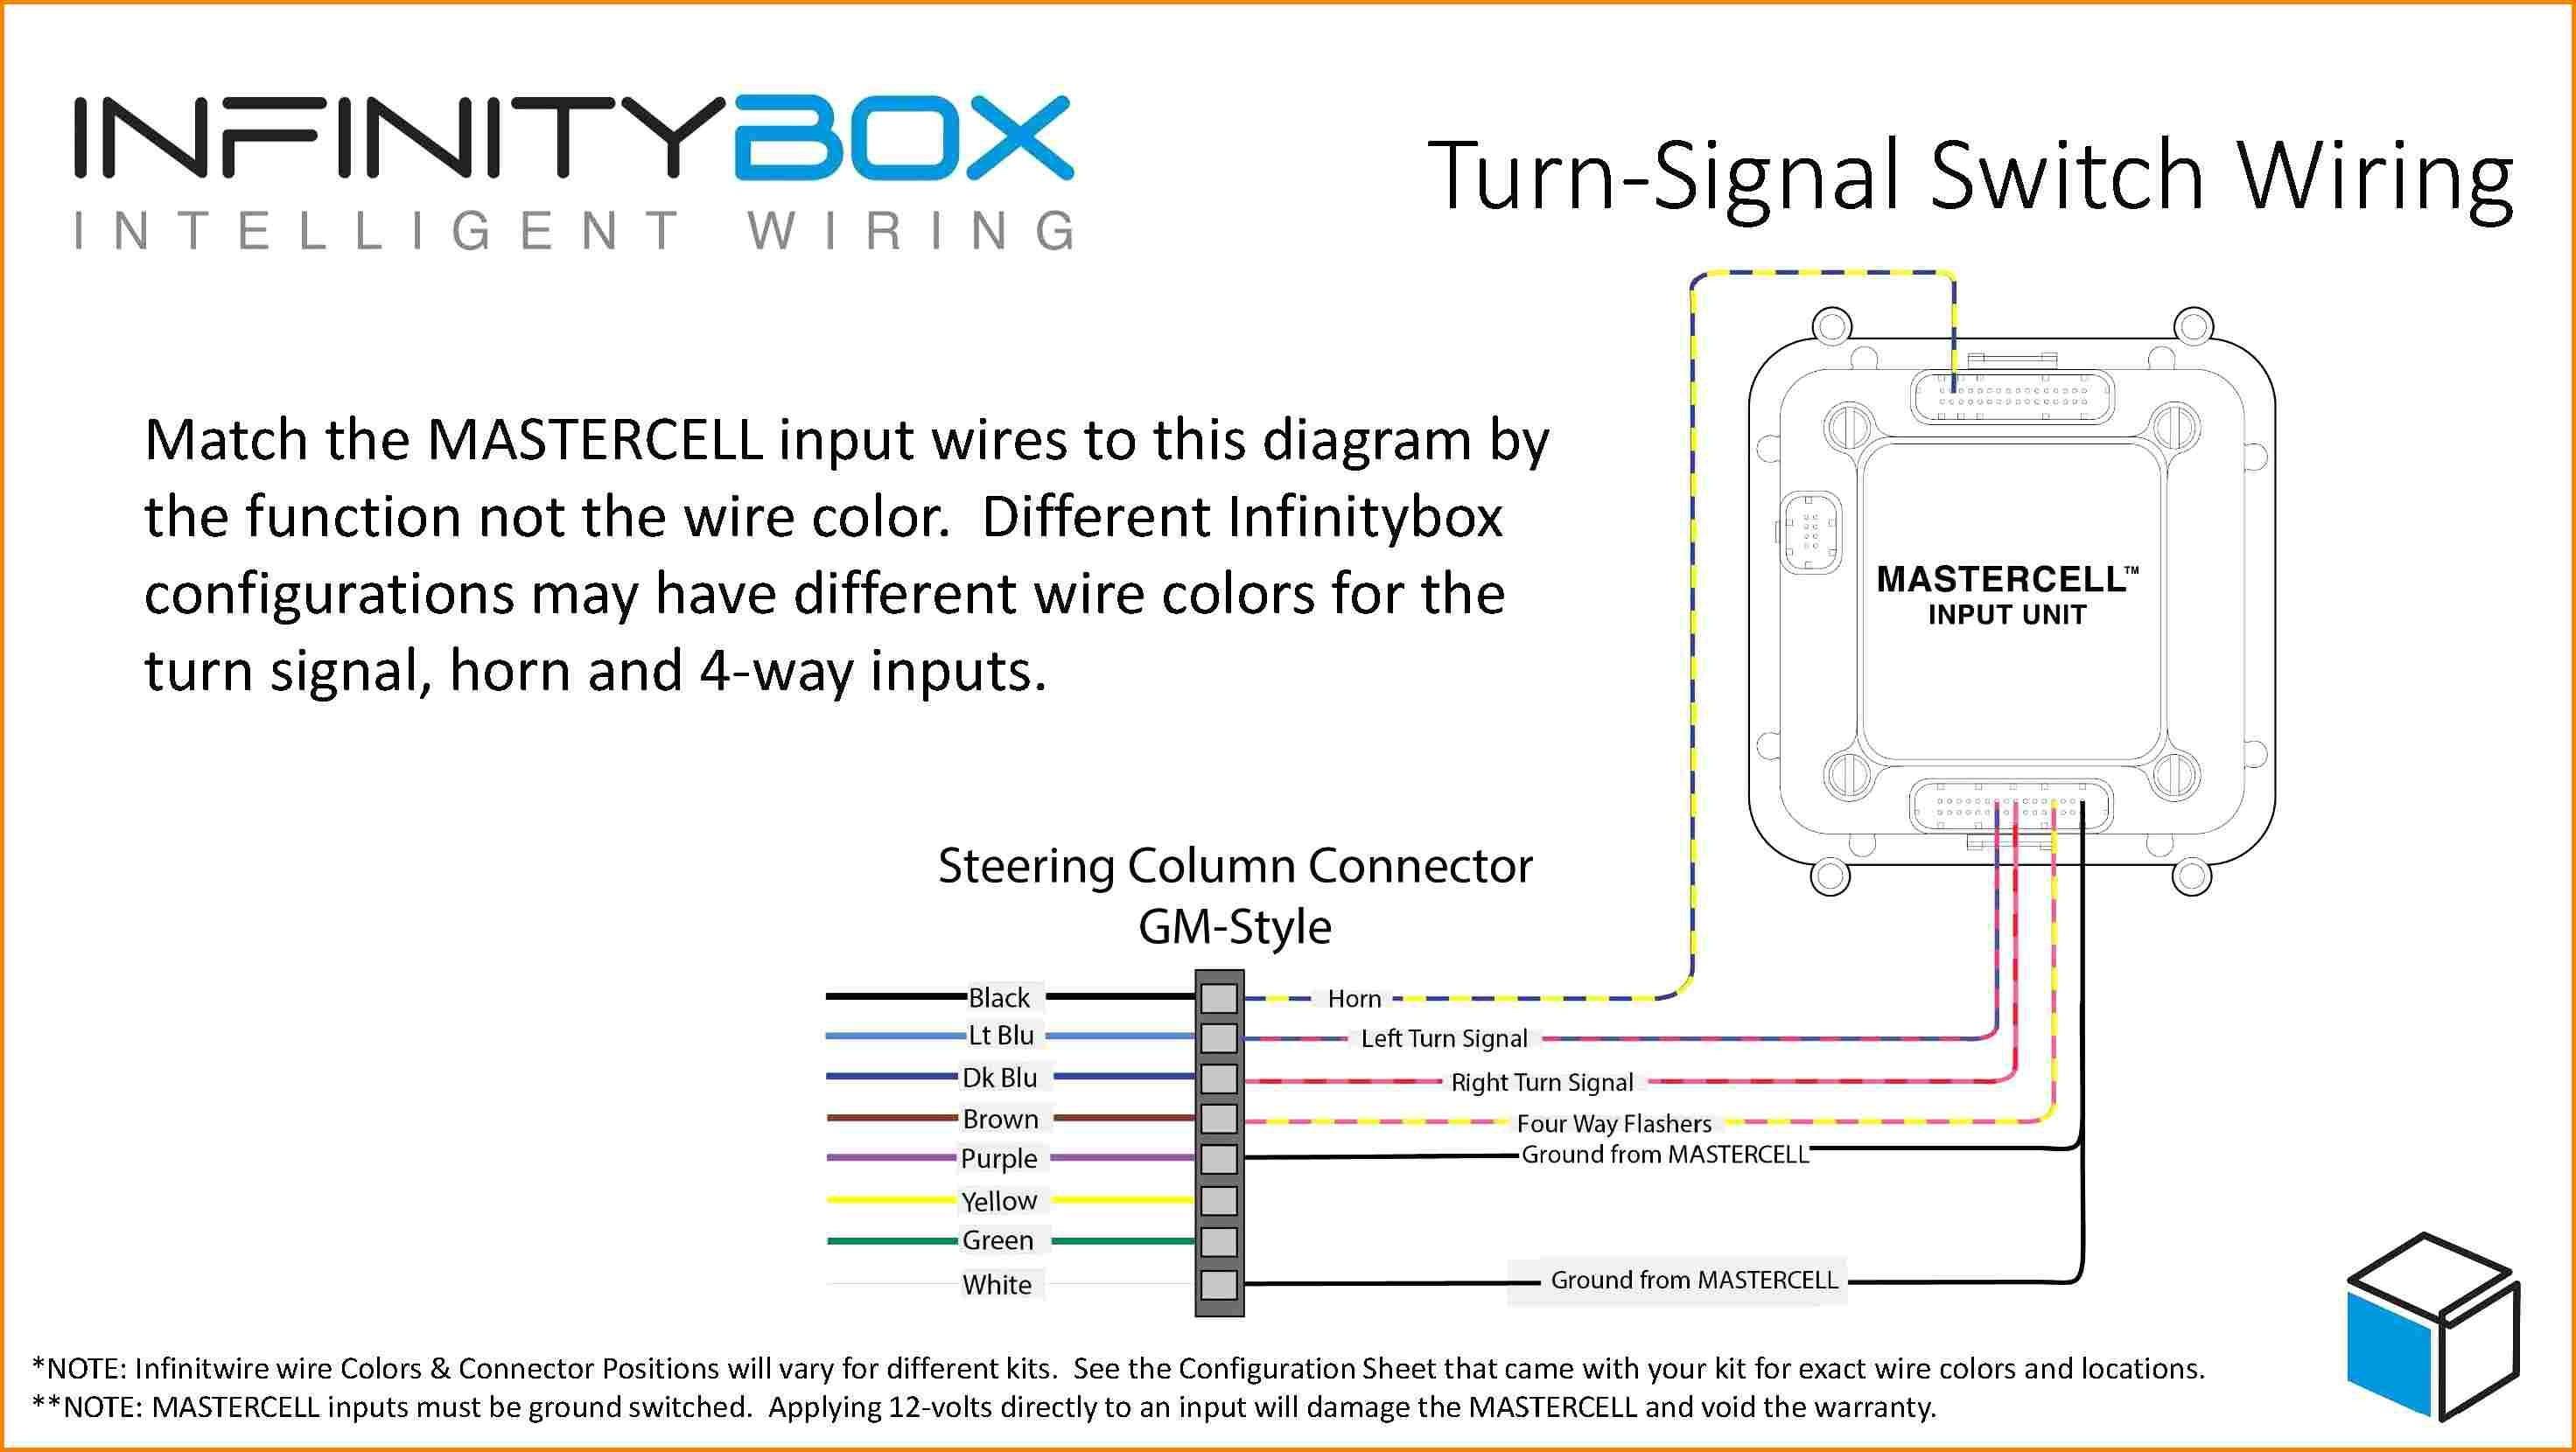 Ididit Steering Column Wiring Diagram - Panoramabypatysesma - Gm Steering Column Wiring Diagram